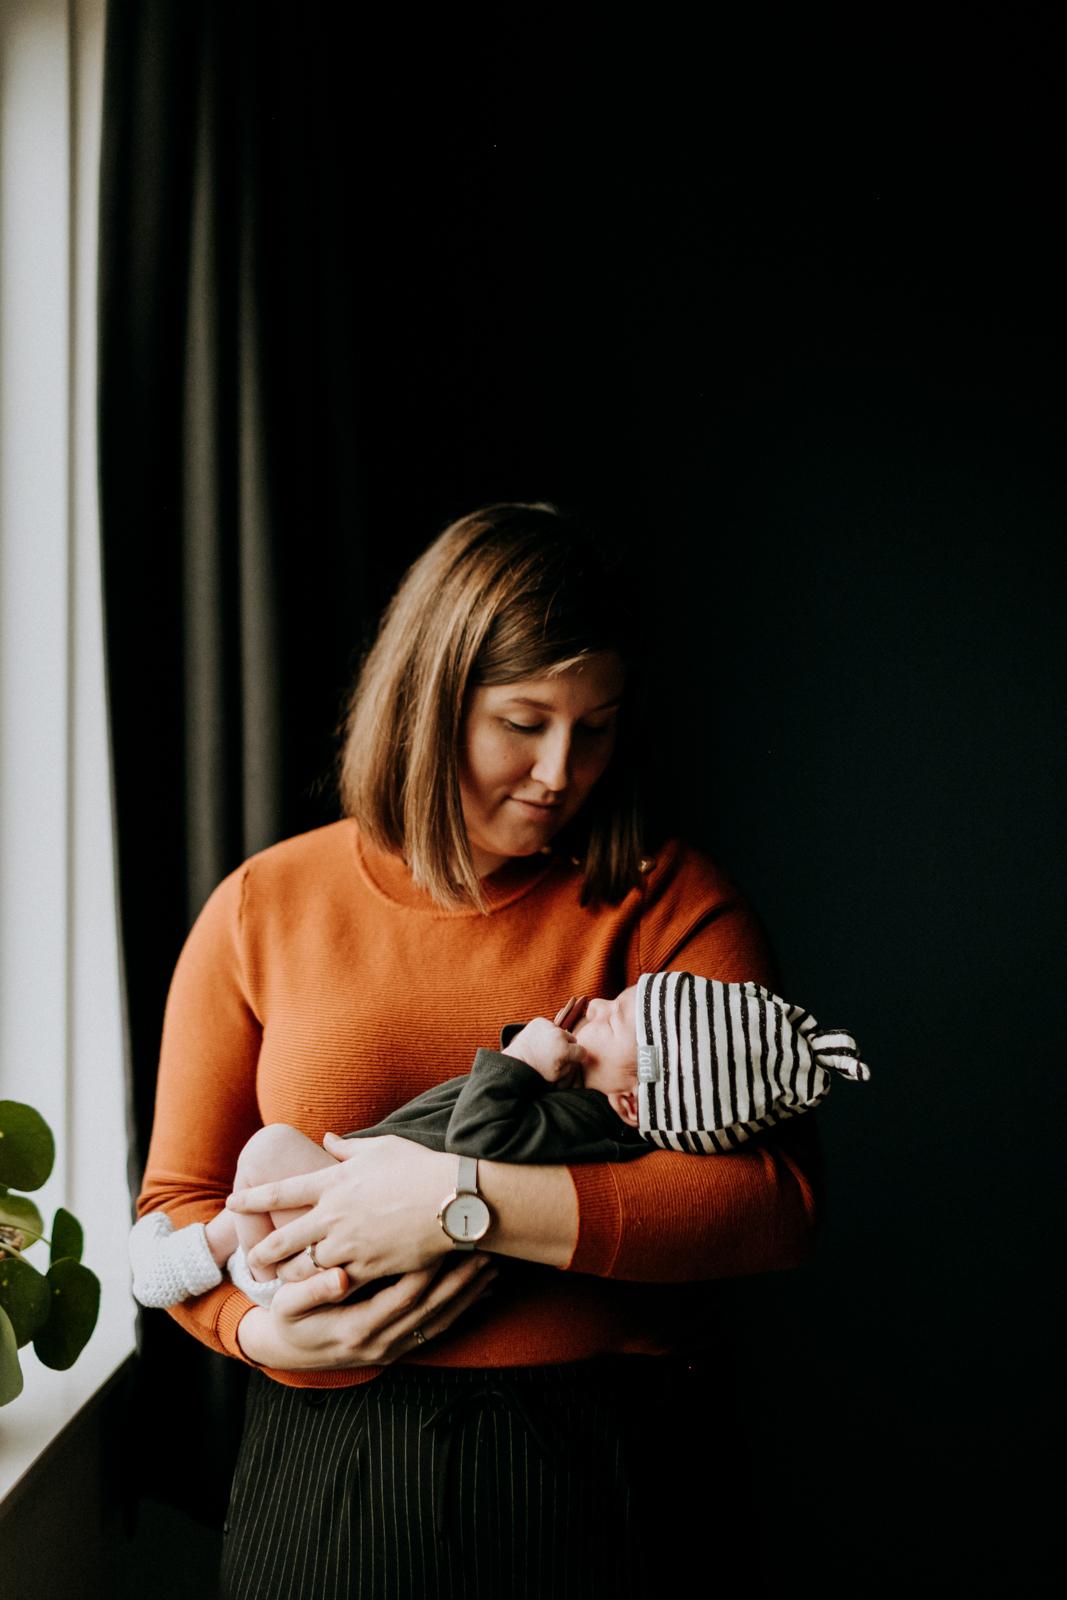 newborn fotograaf utrecht, baby fotograaf utrecht, newborn fotograaf barneveld, baby otograaf barneveld, newbornfotograaf veenendaal, baby fotograaf veenendaal, newborn fotograaf ede, baby fotograaf ede, newborn fotograaf arnhem, baby fotograaf arnhem